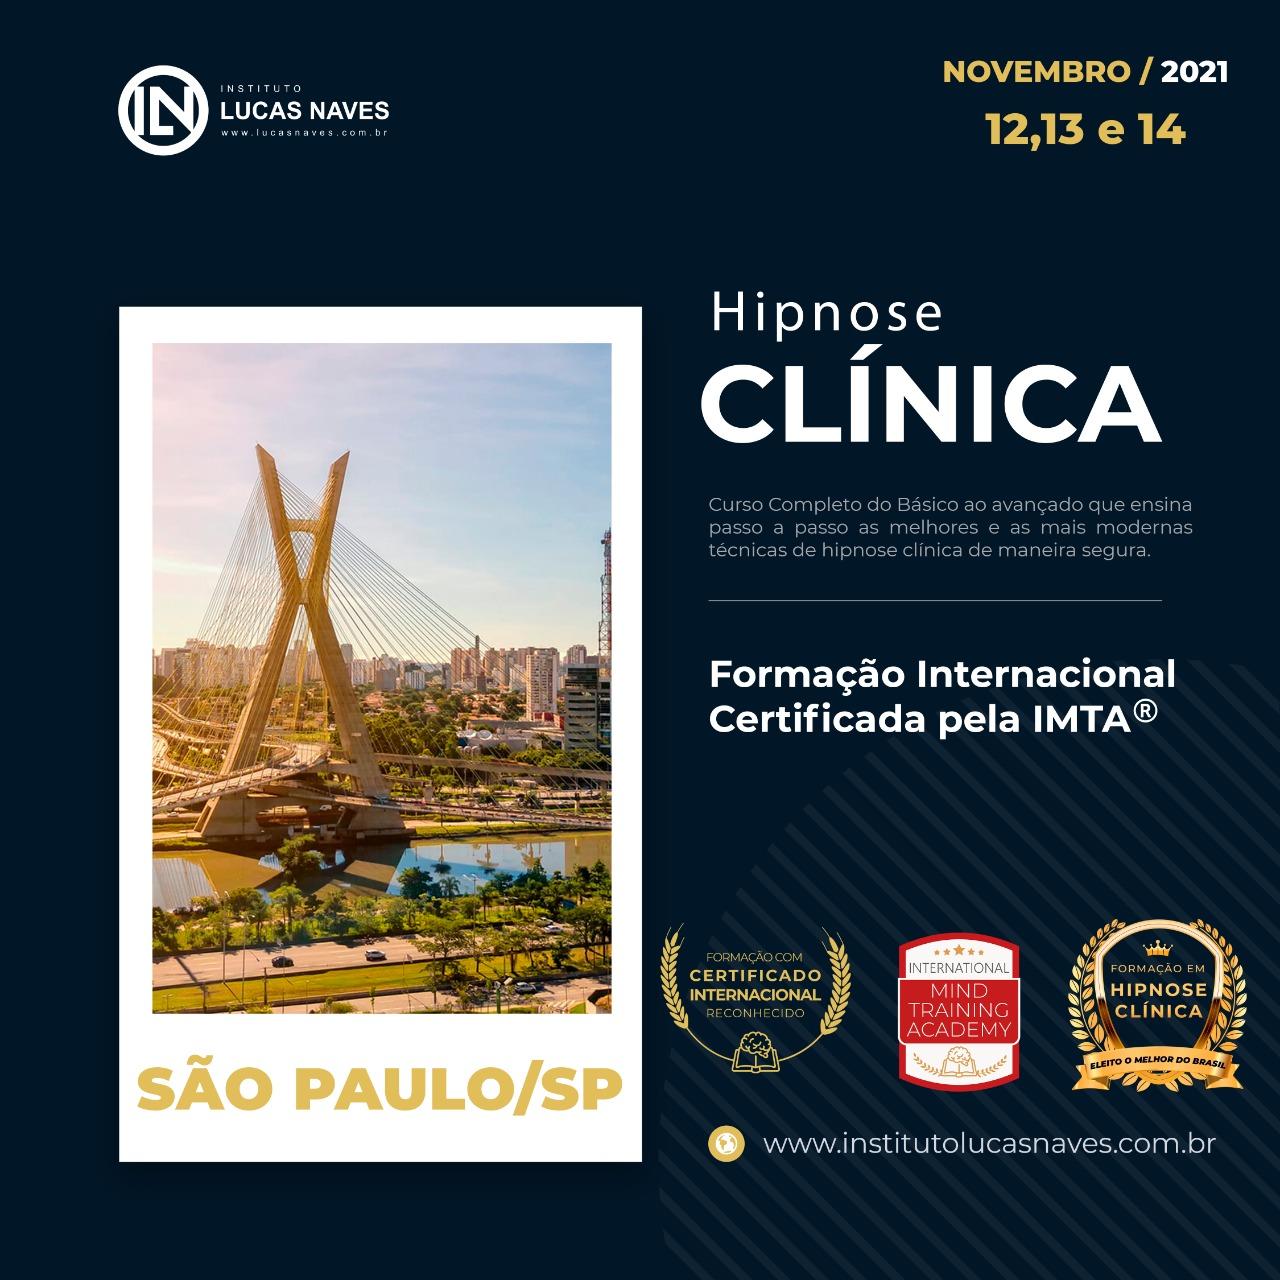 Formação Internacional em Hipnose Clínica / São Paulo